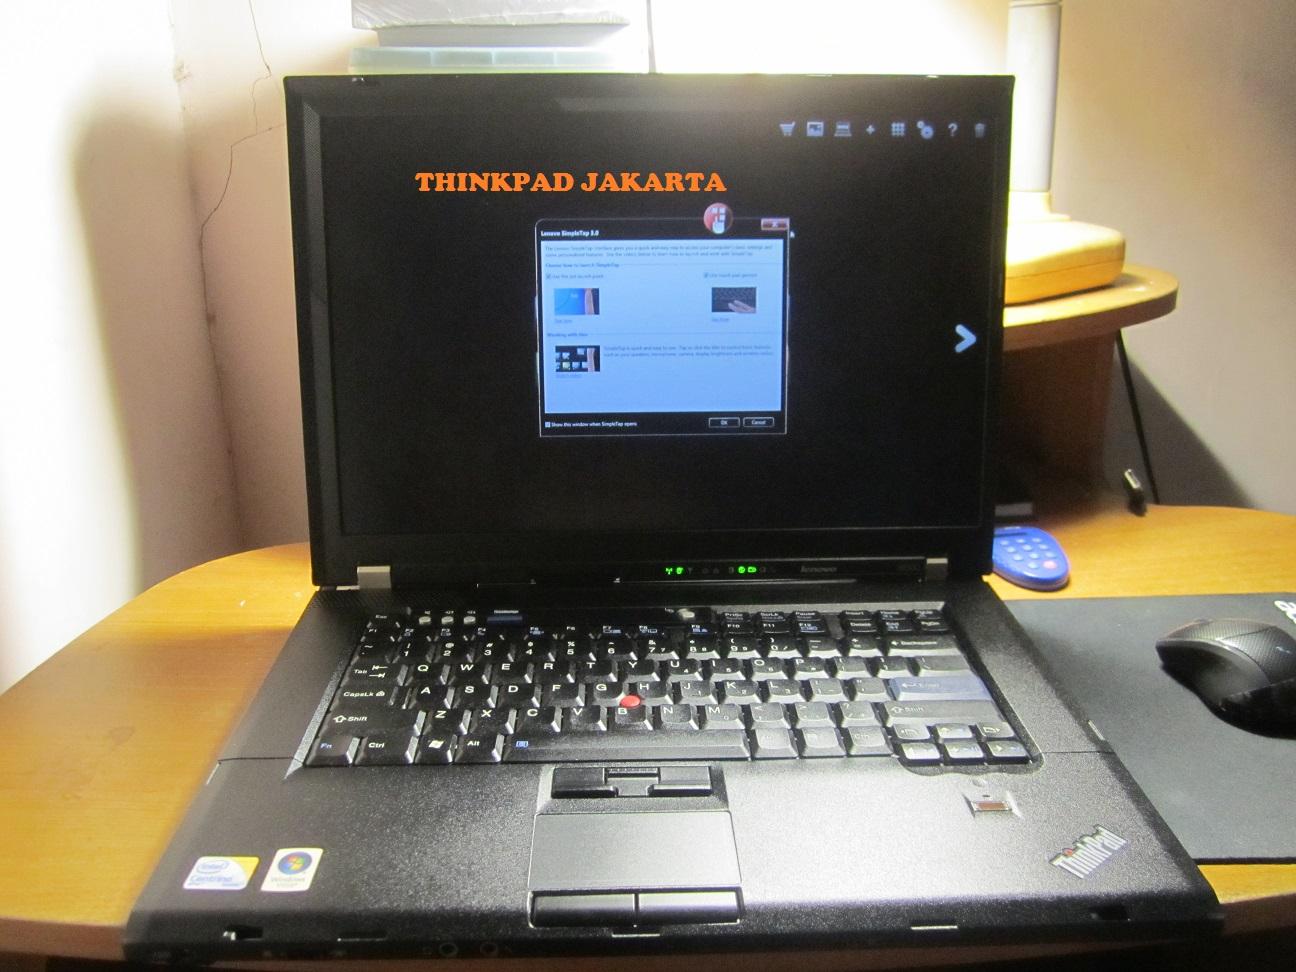 harga Lenovo IBM ThinkPad W500 Workstation Edition by ThinkPad Jakarta Tokopedia.com